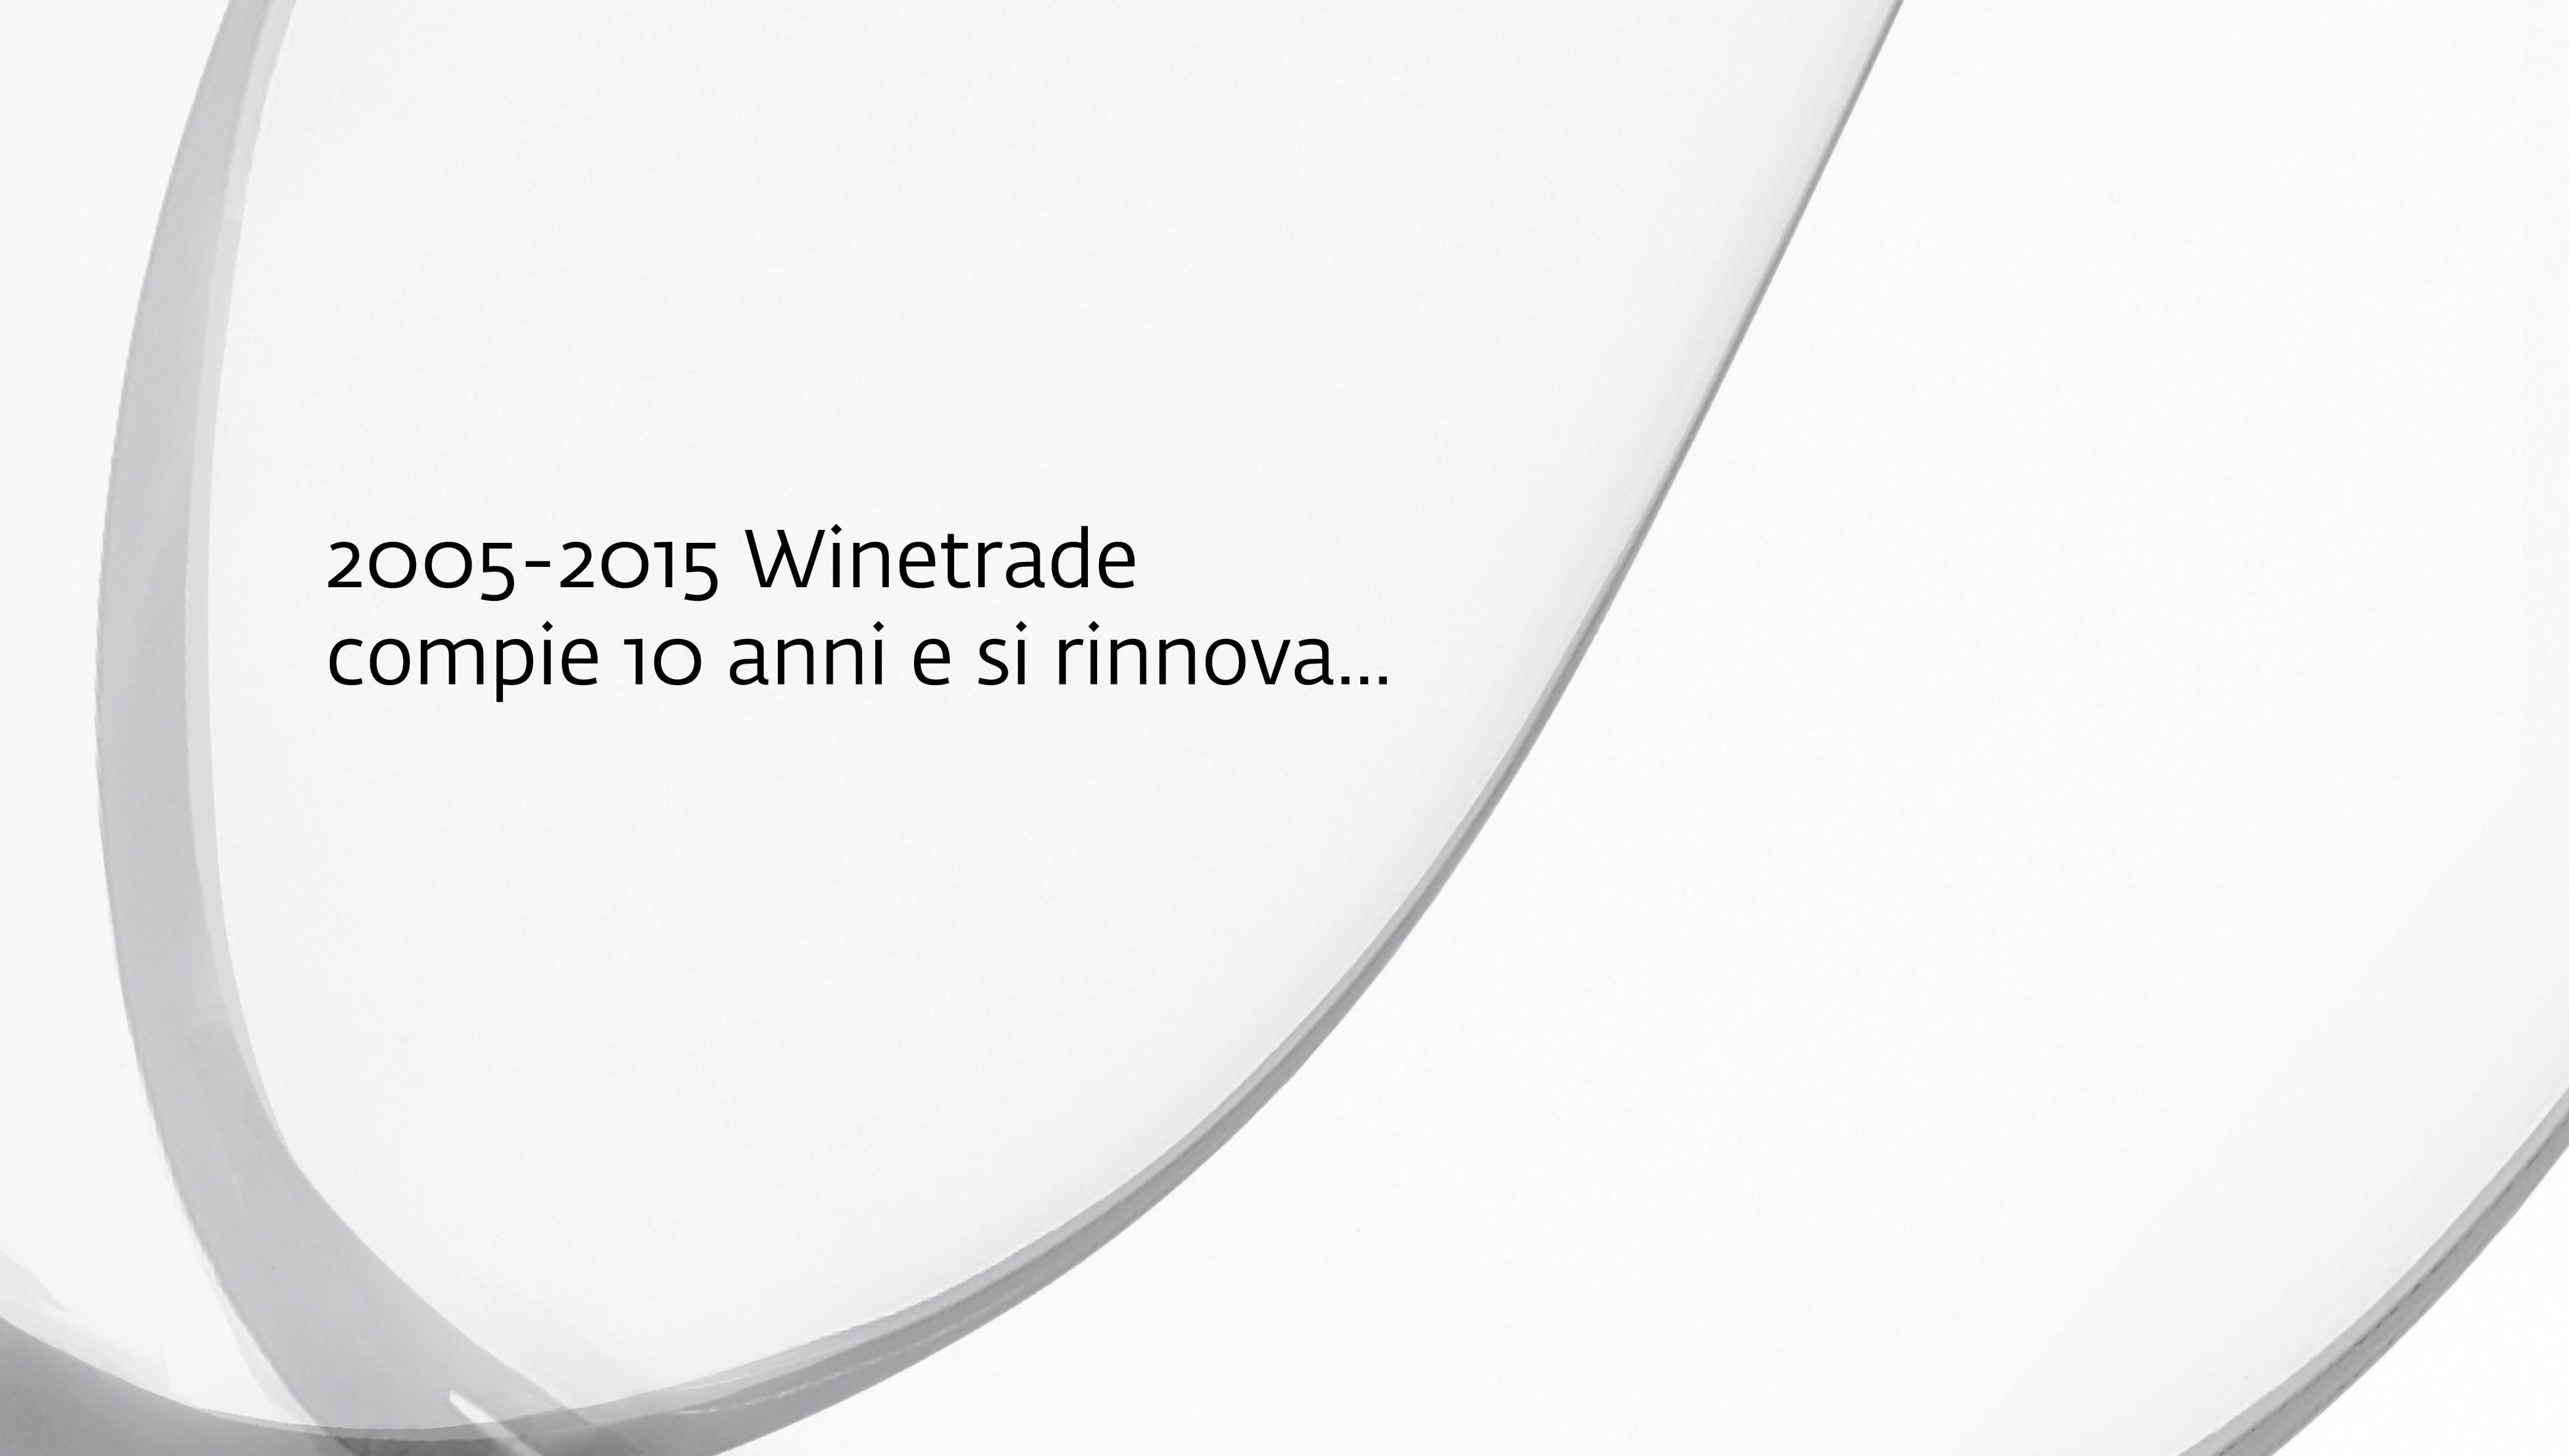 2005-2015 Winetrade  compie 10 anni e si rinnova